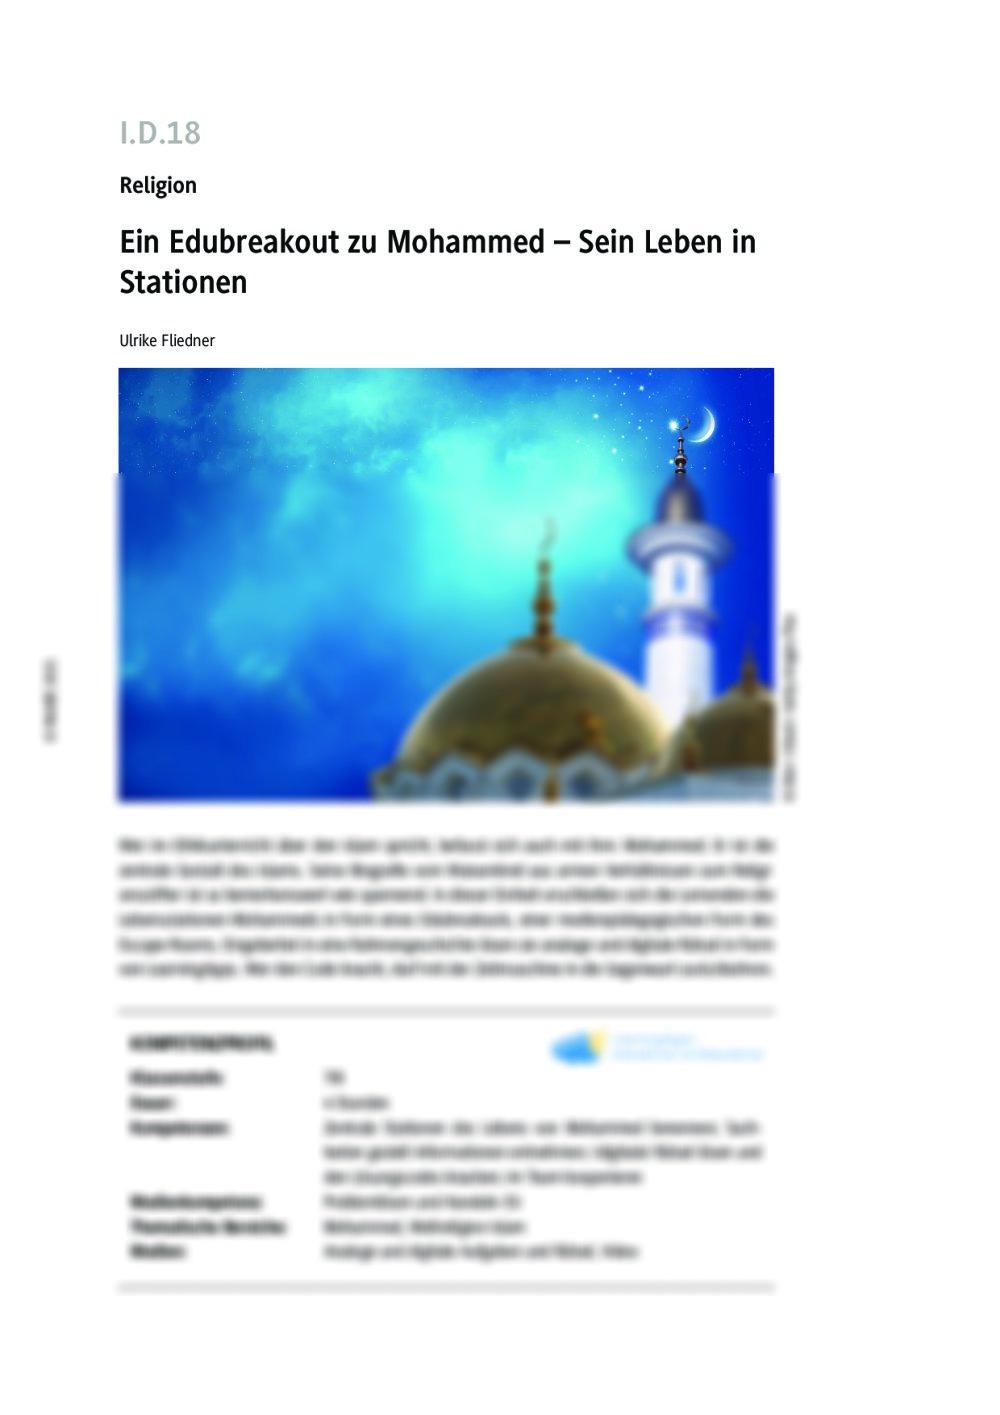 Ein Edubreakout zu Mohammed - Seite 1